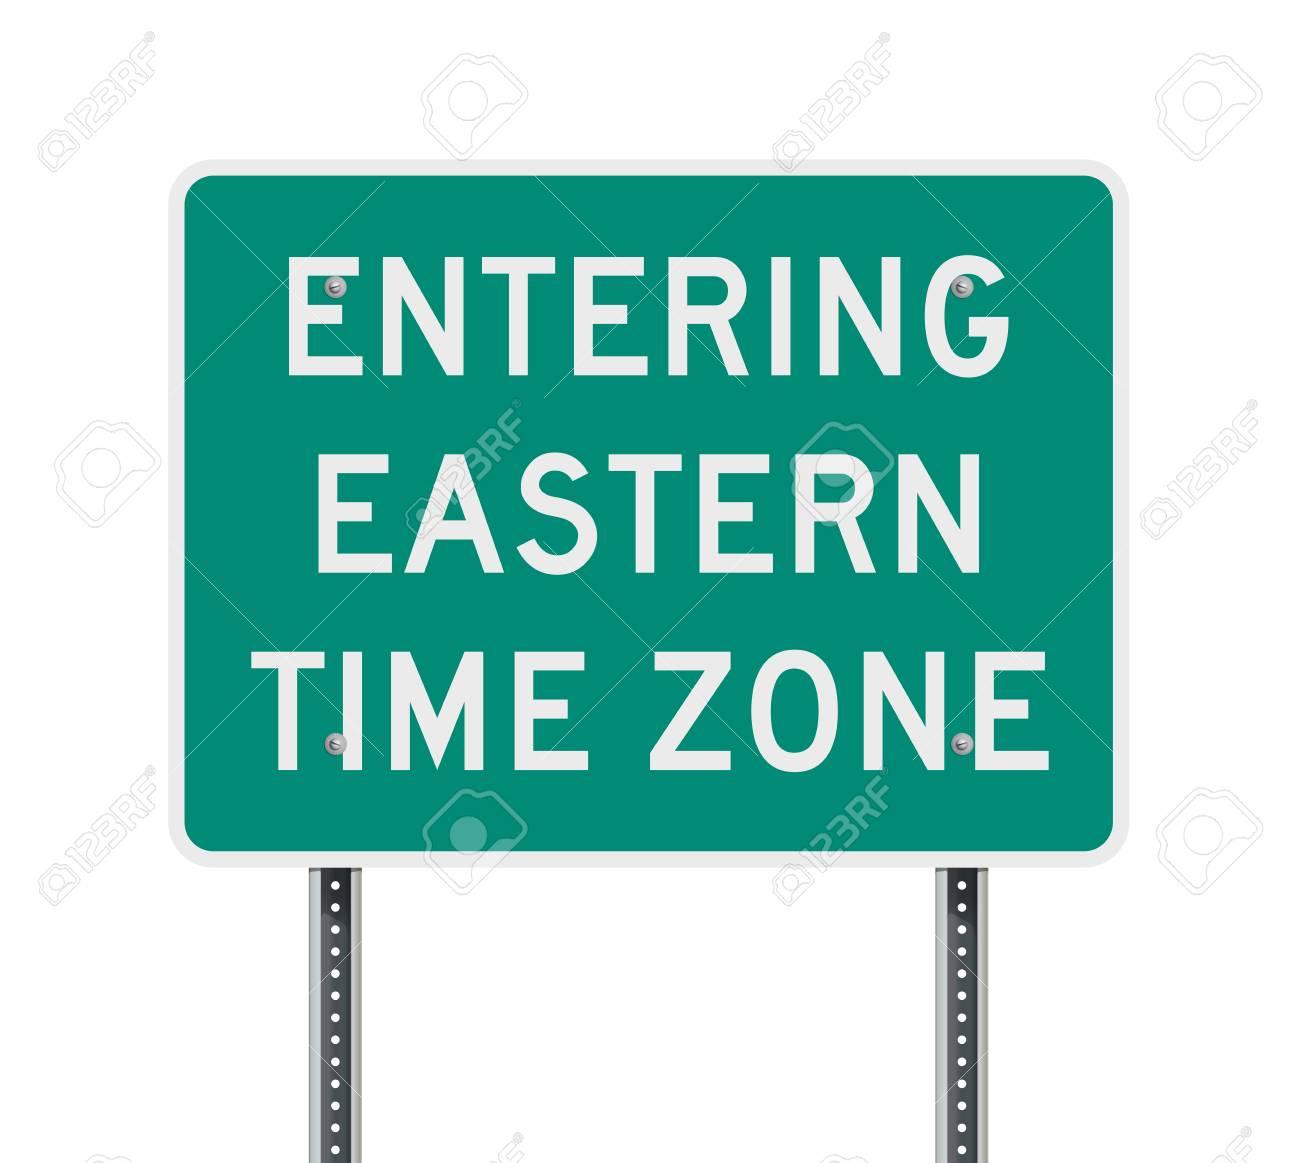 東部標準時ゾーンの道路標識のイラスト素材・ベクタ - Image 89722453.